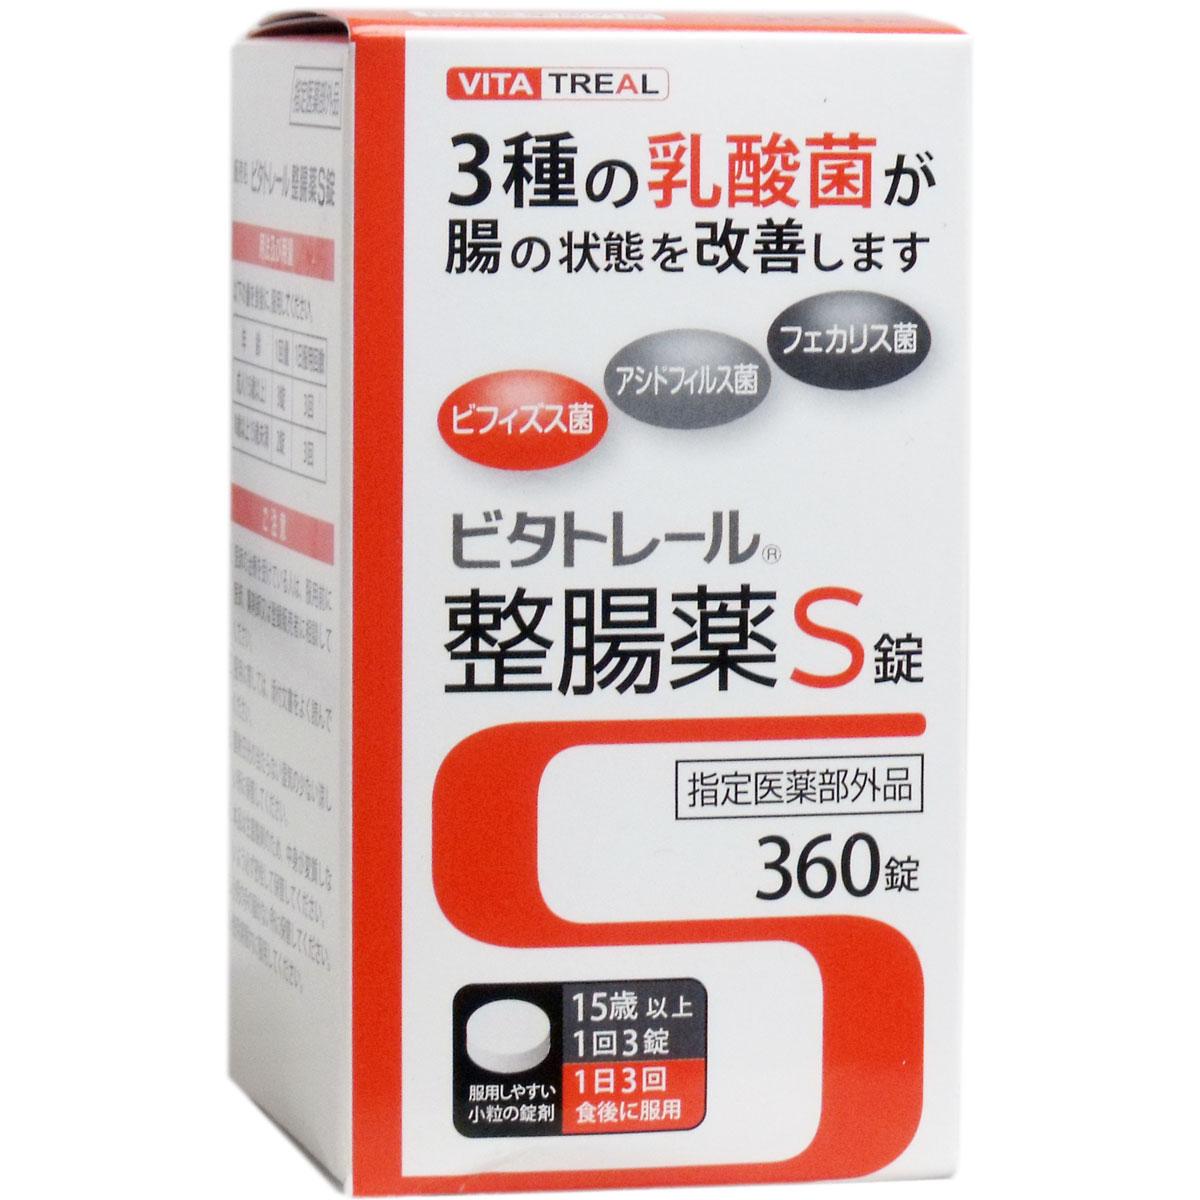 ビタトレール 整腸薬S錠 360錠